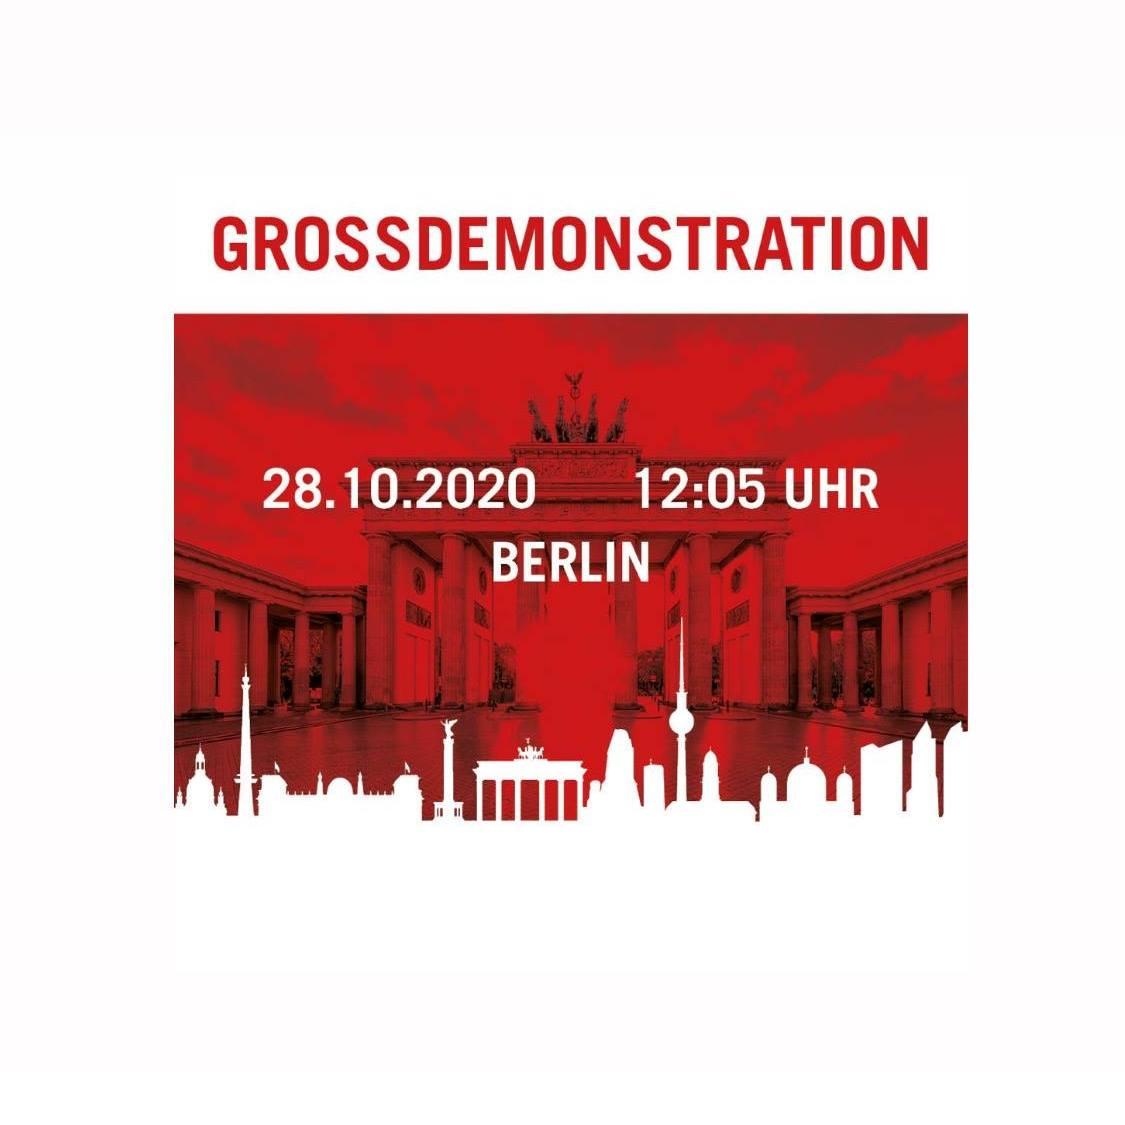 #AlarmstufeRot: Deutsche Veranstaltungswirtschaft kollabiert * DEMO - am 28.10.2020, 12:05 Uhr, Berlin